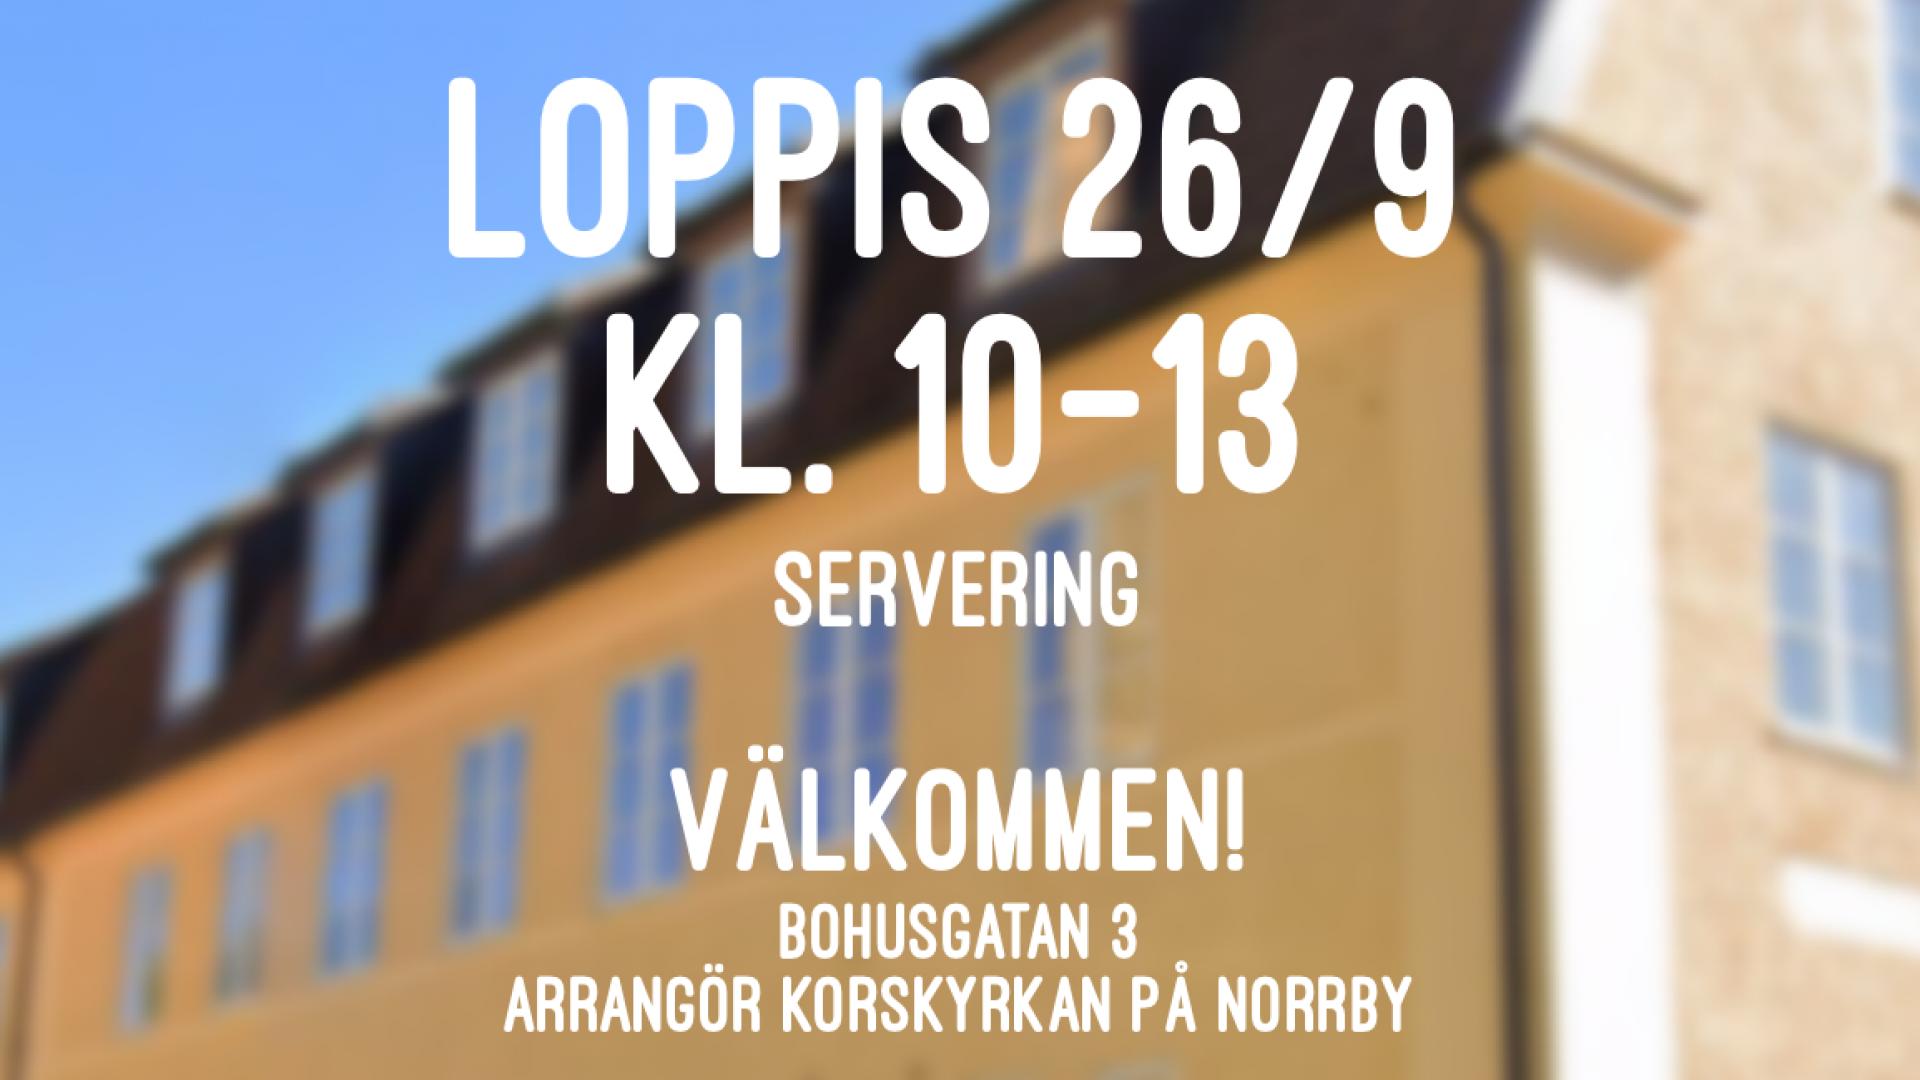 Loppis 26/9